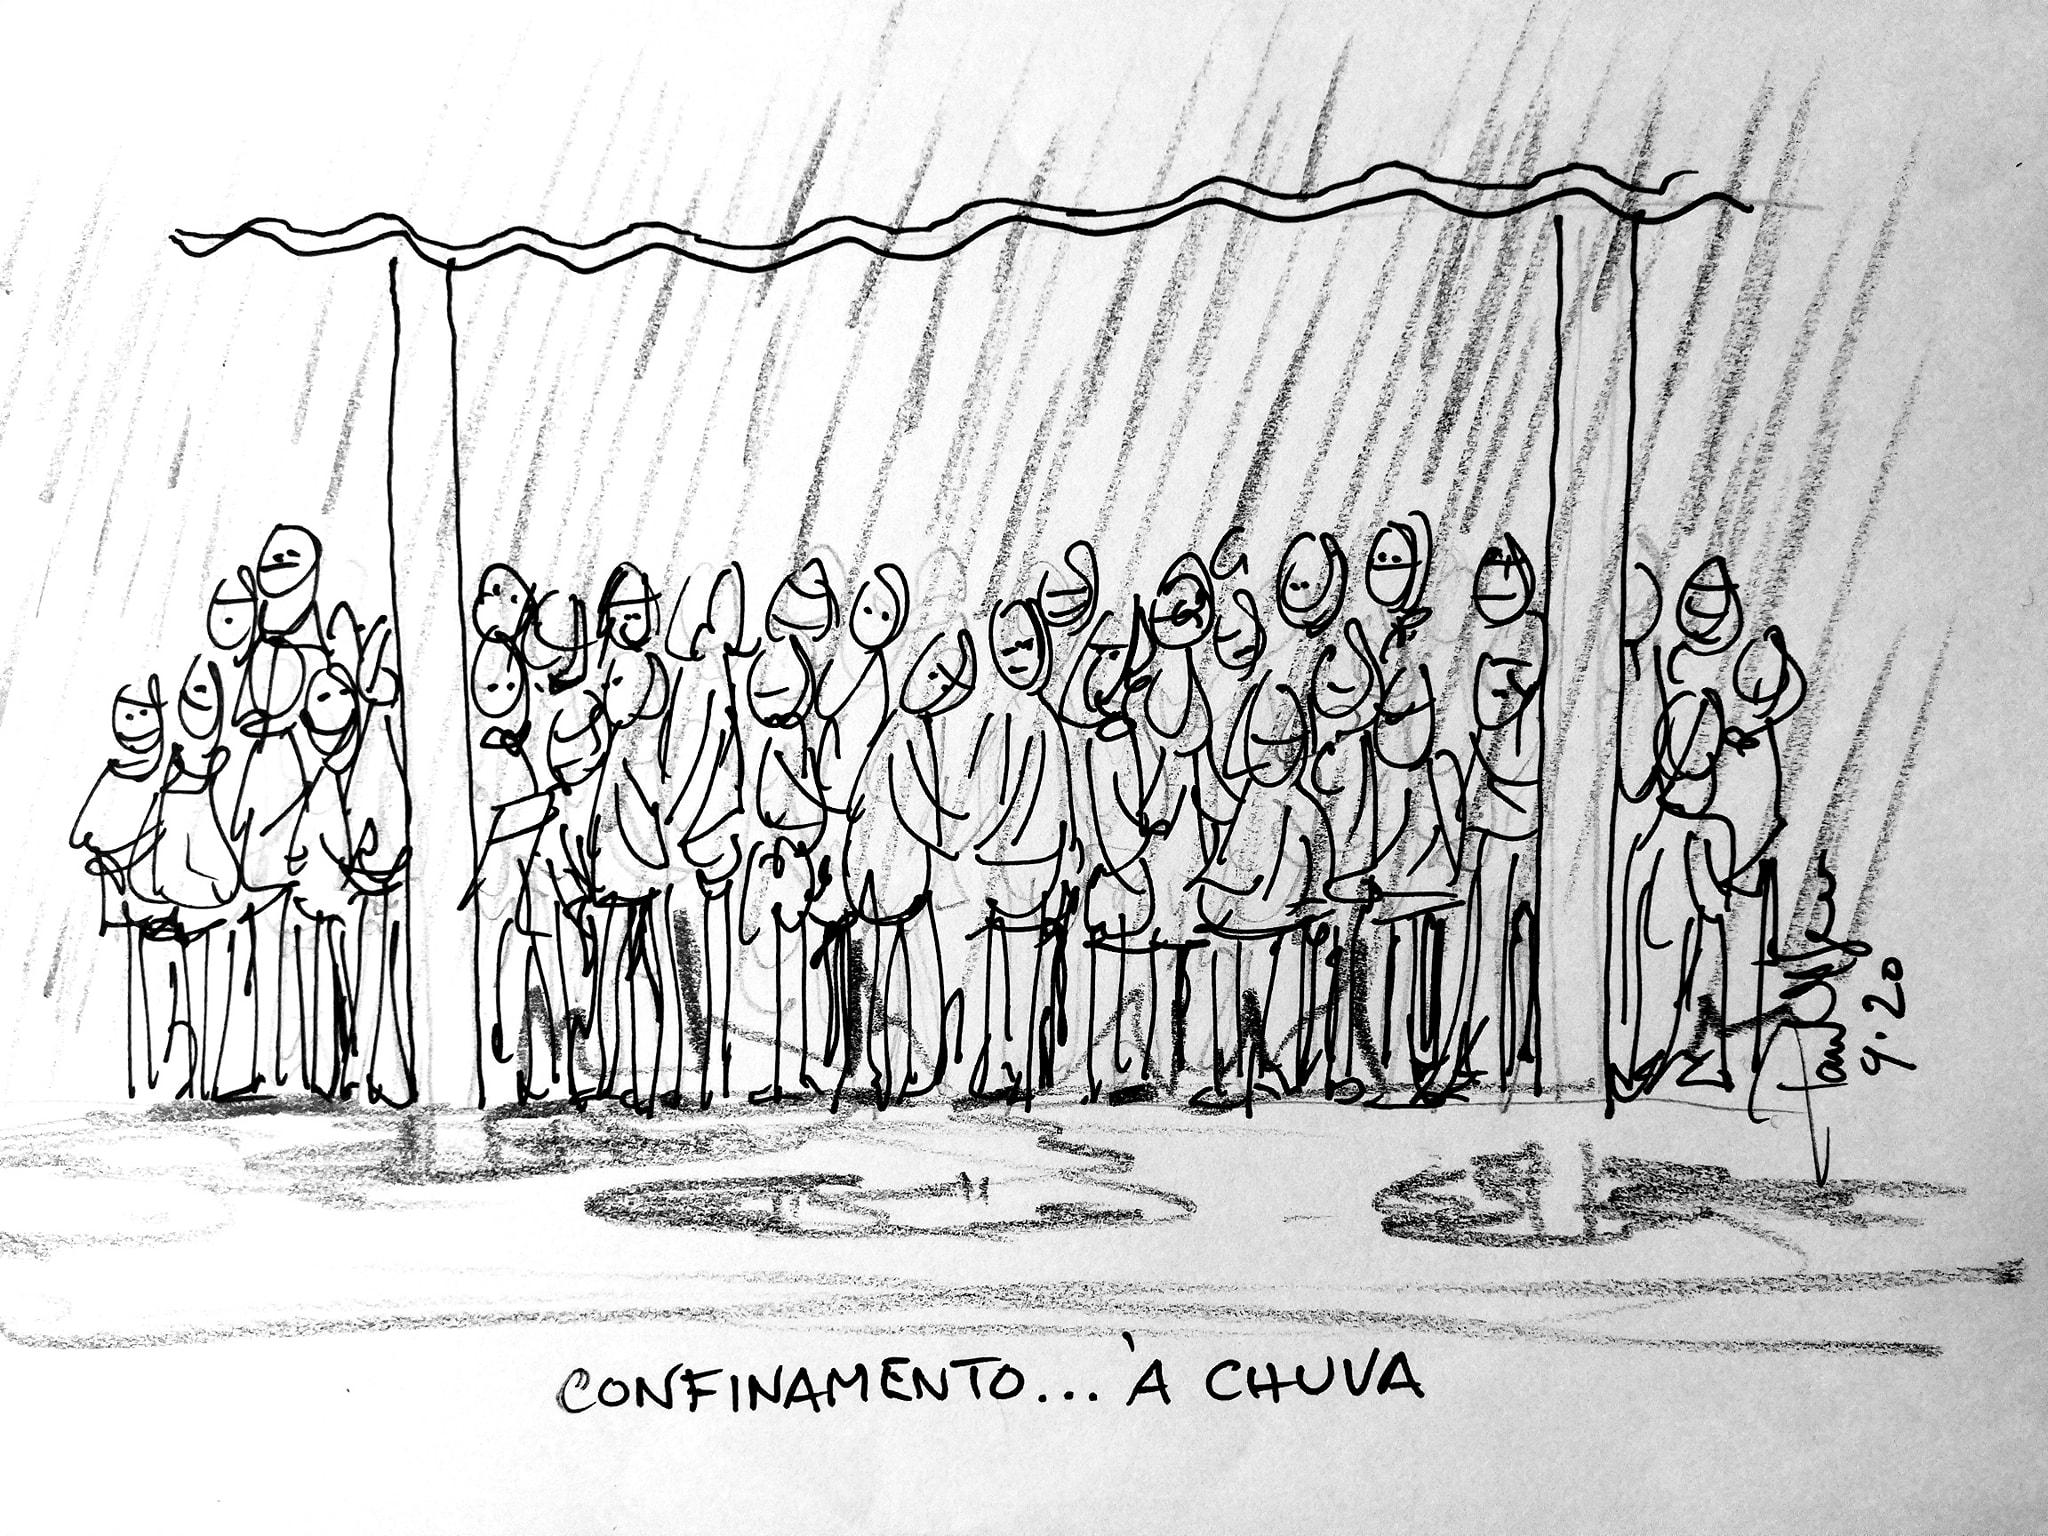 confinamento-chuva